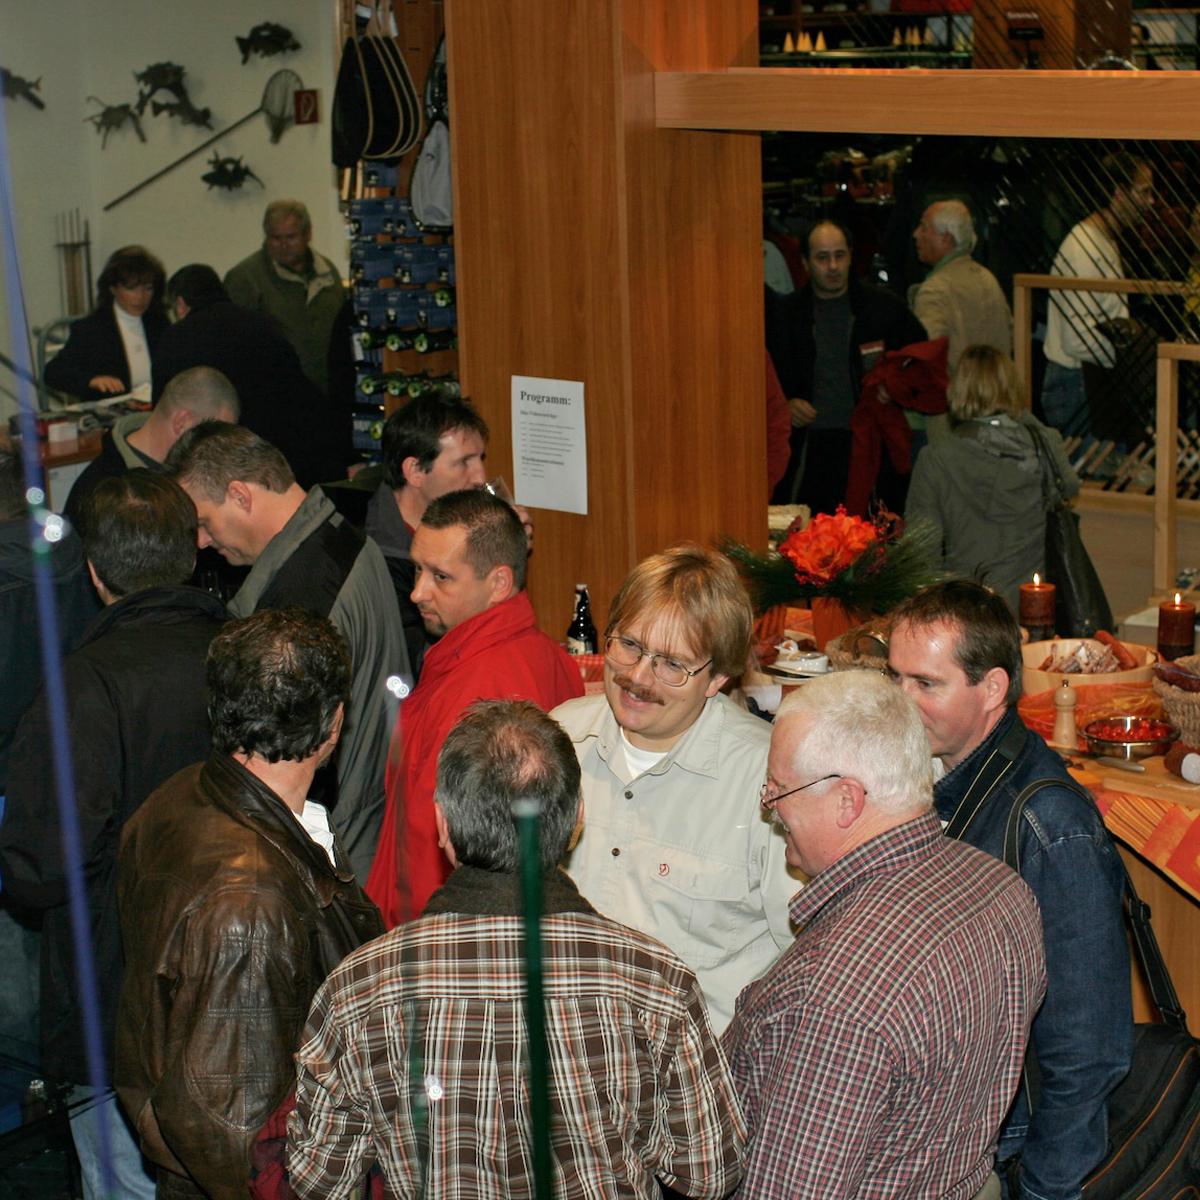 Besucher auf der Hausmesse von Flyfishing Europe